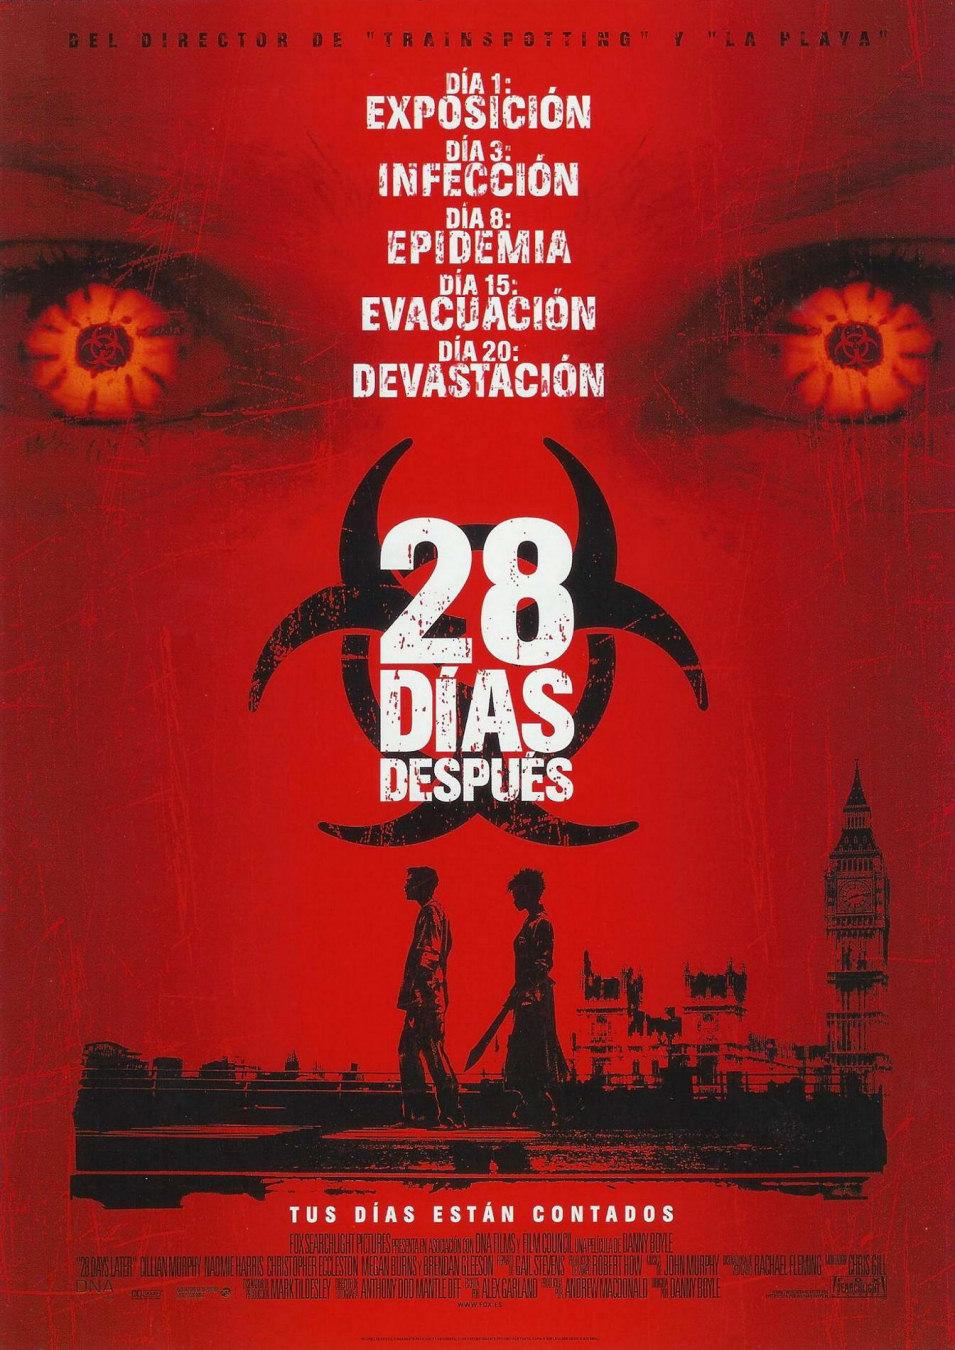 Ver 28 días después (2002) Online Película Completa Latino Español en HD